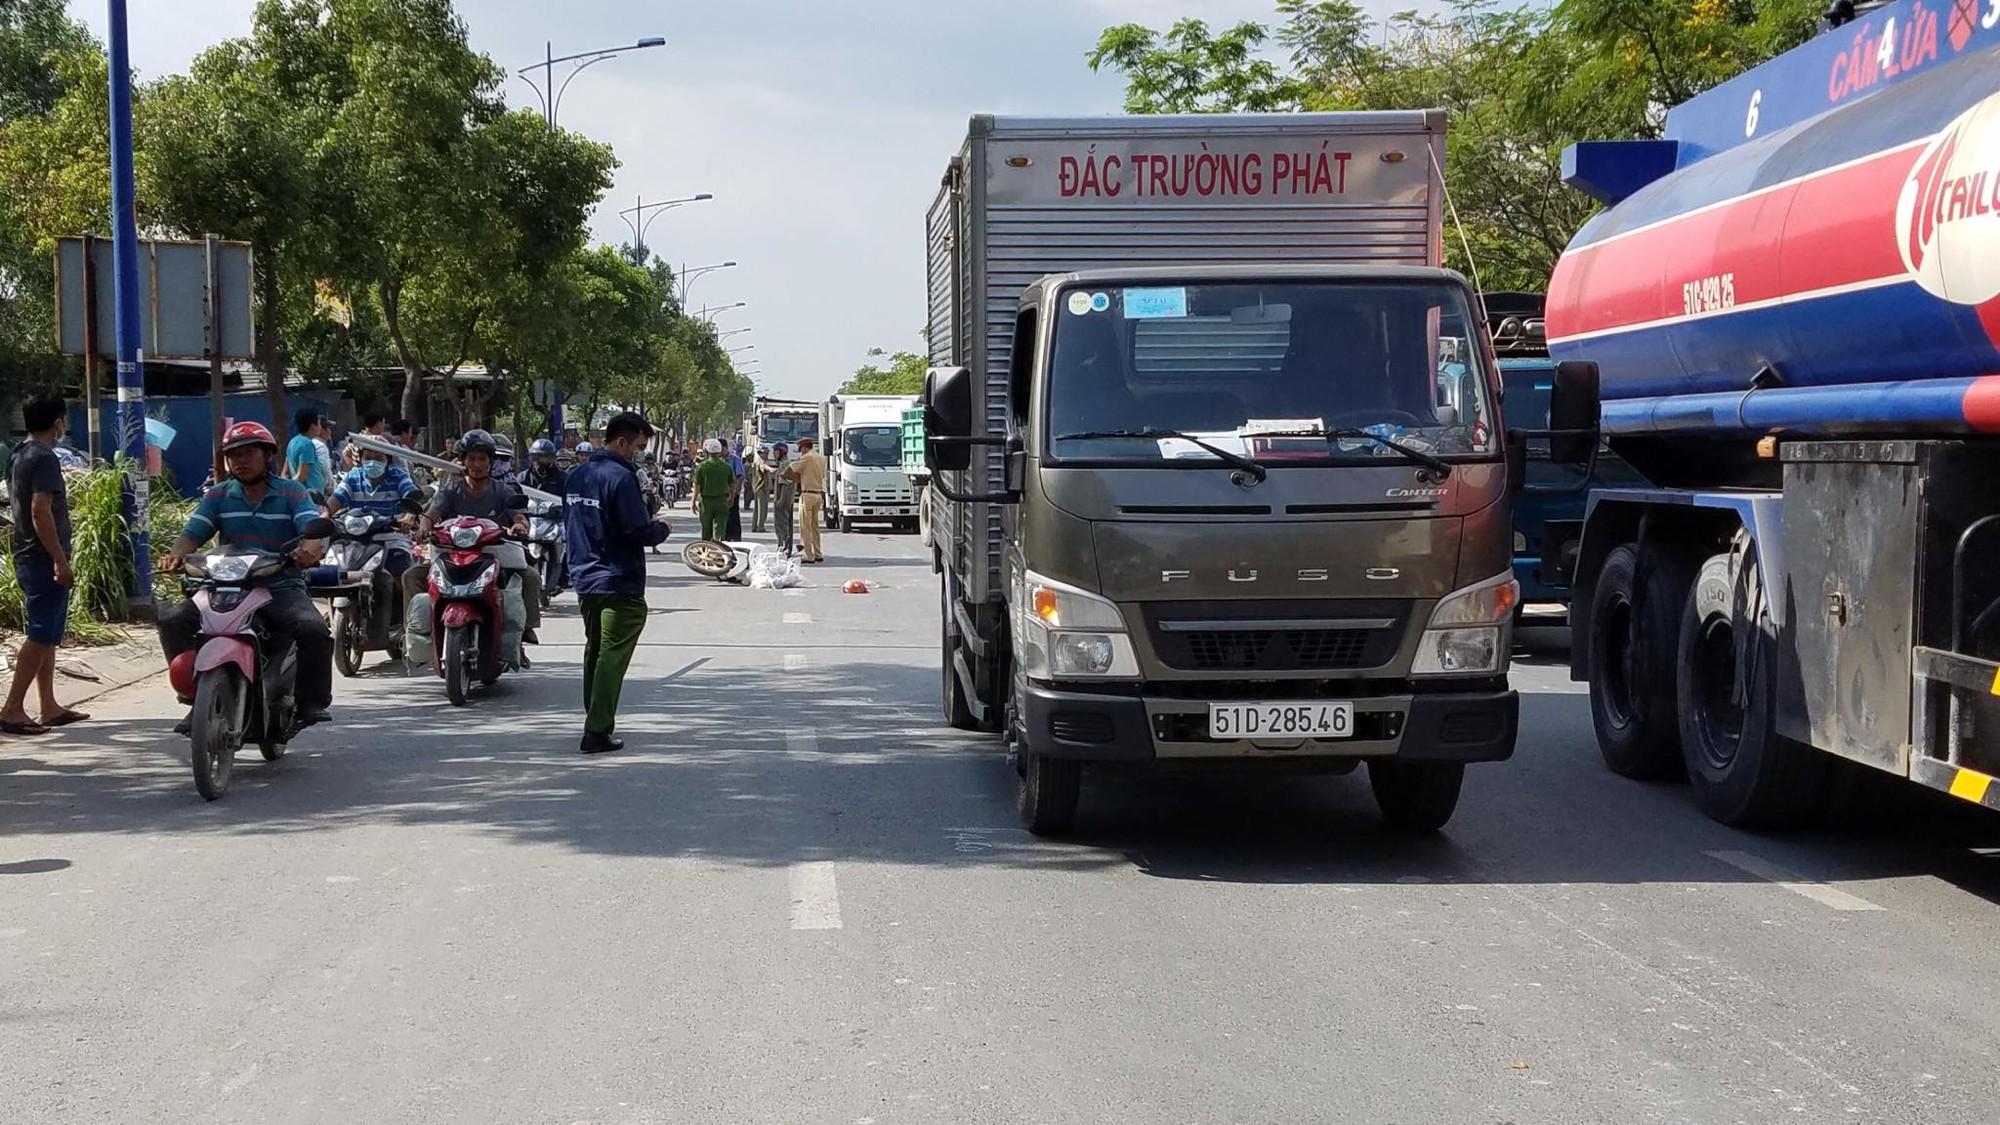 Cô gái 20 tuổi chết thảm sau va chạm trên đường phố ở Sài Gòn - Ảnh 2.